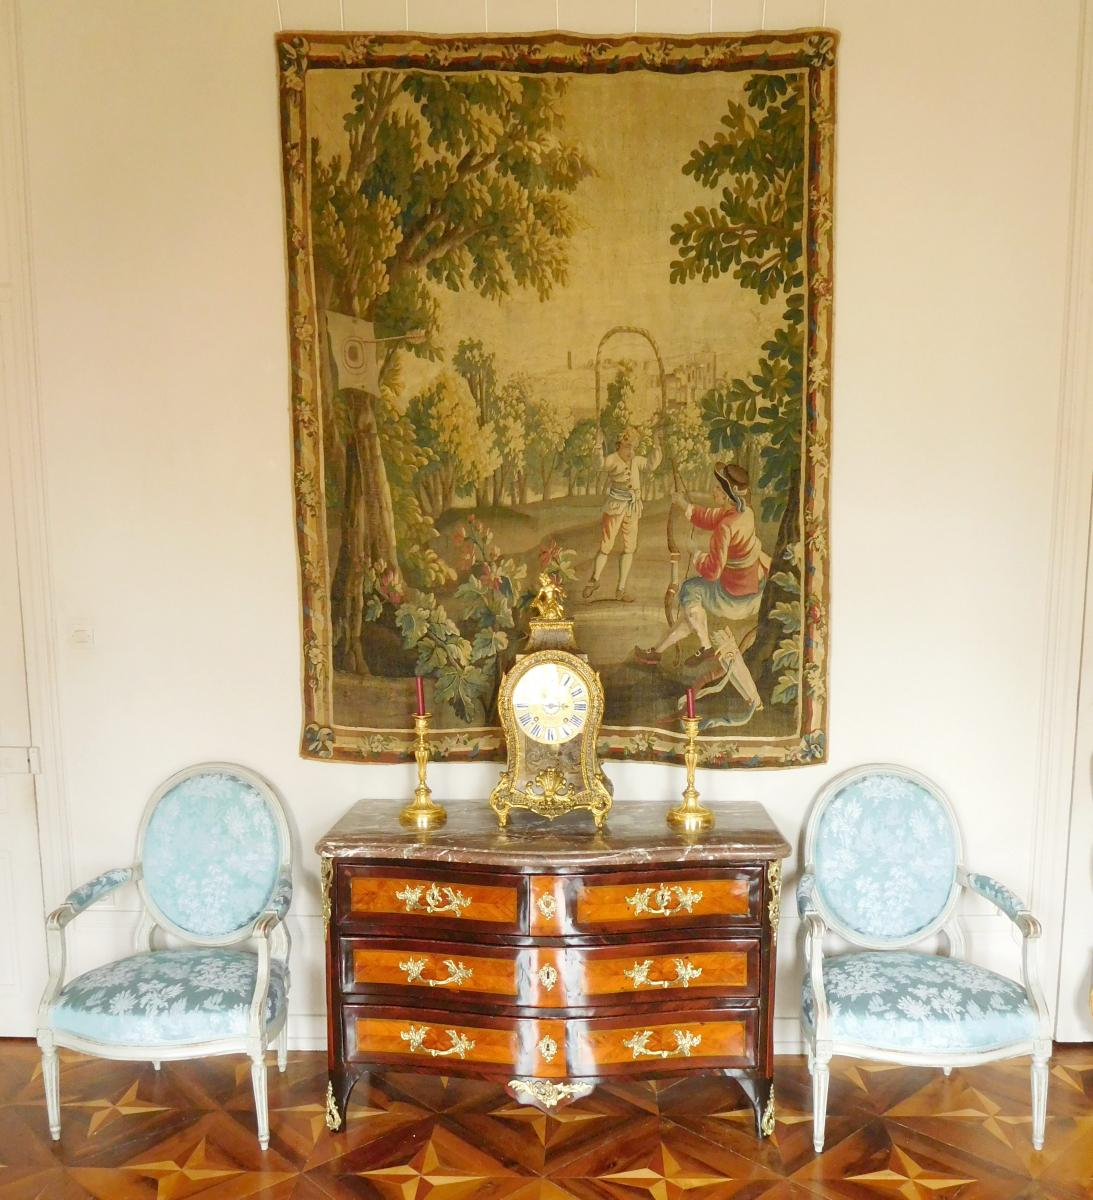 Tapisserie d'Aubusson Polychrome, Laine Et Soie, Jeux Dans Le Parc époque Louis XVI 160 X 200cm-photo-8